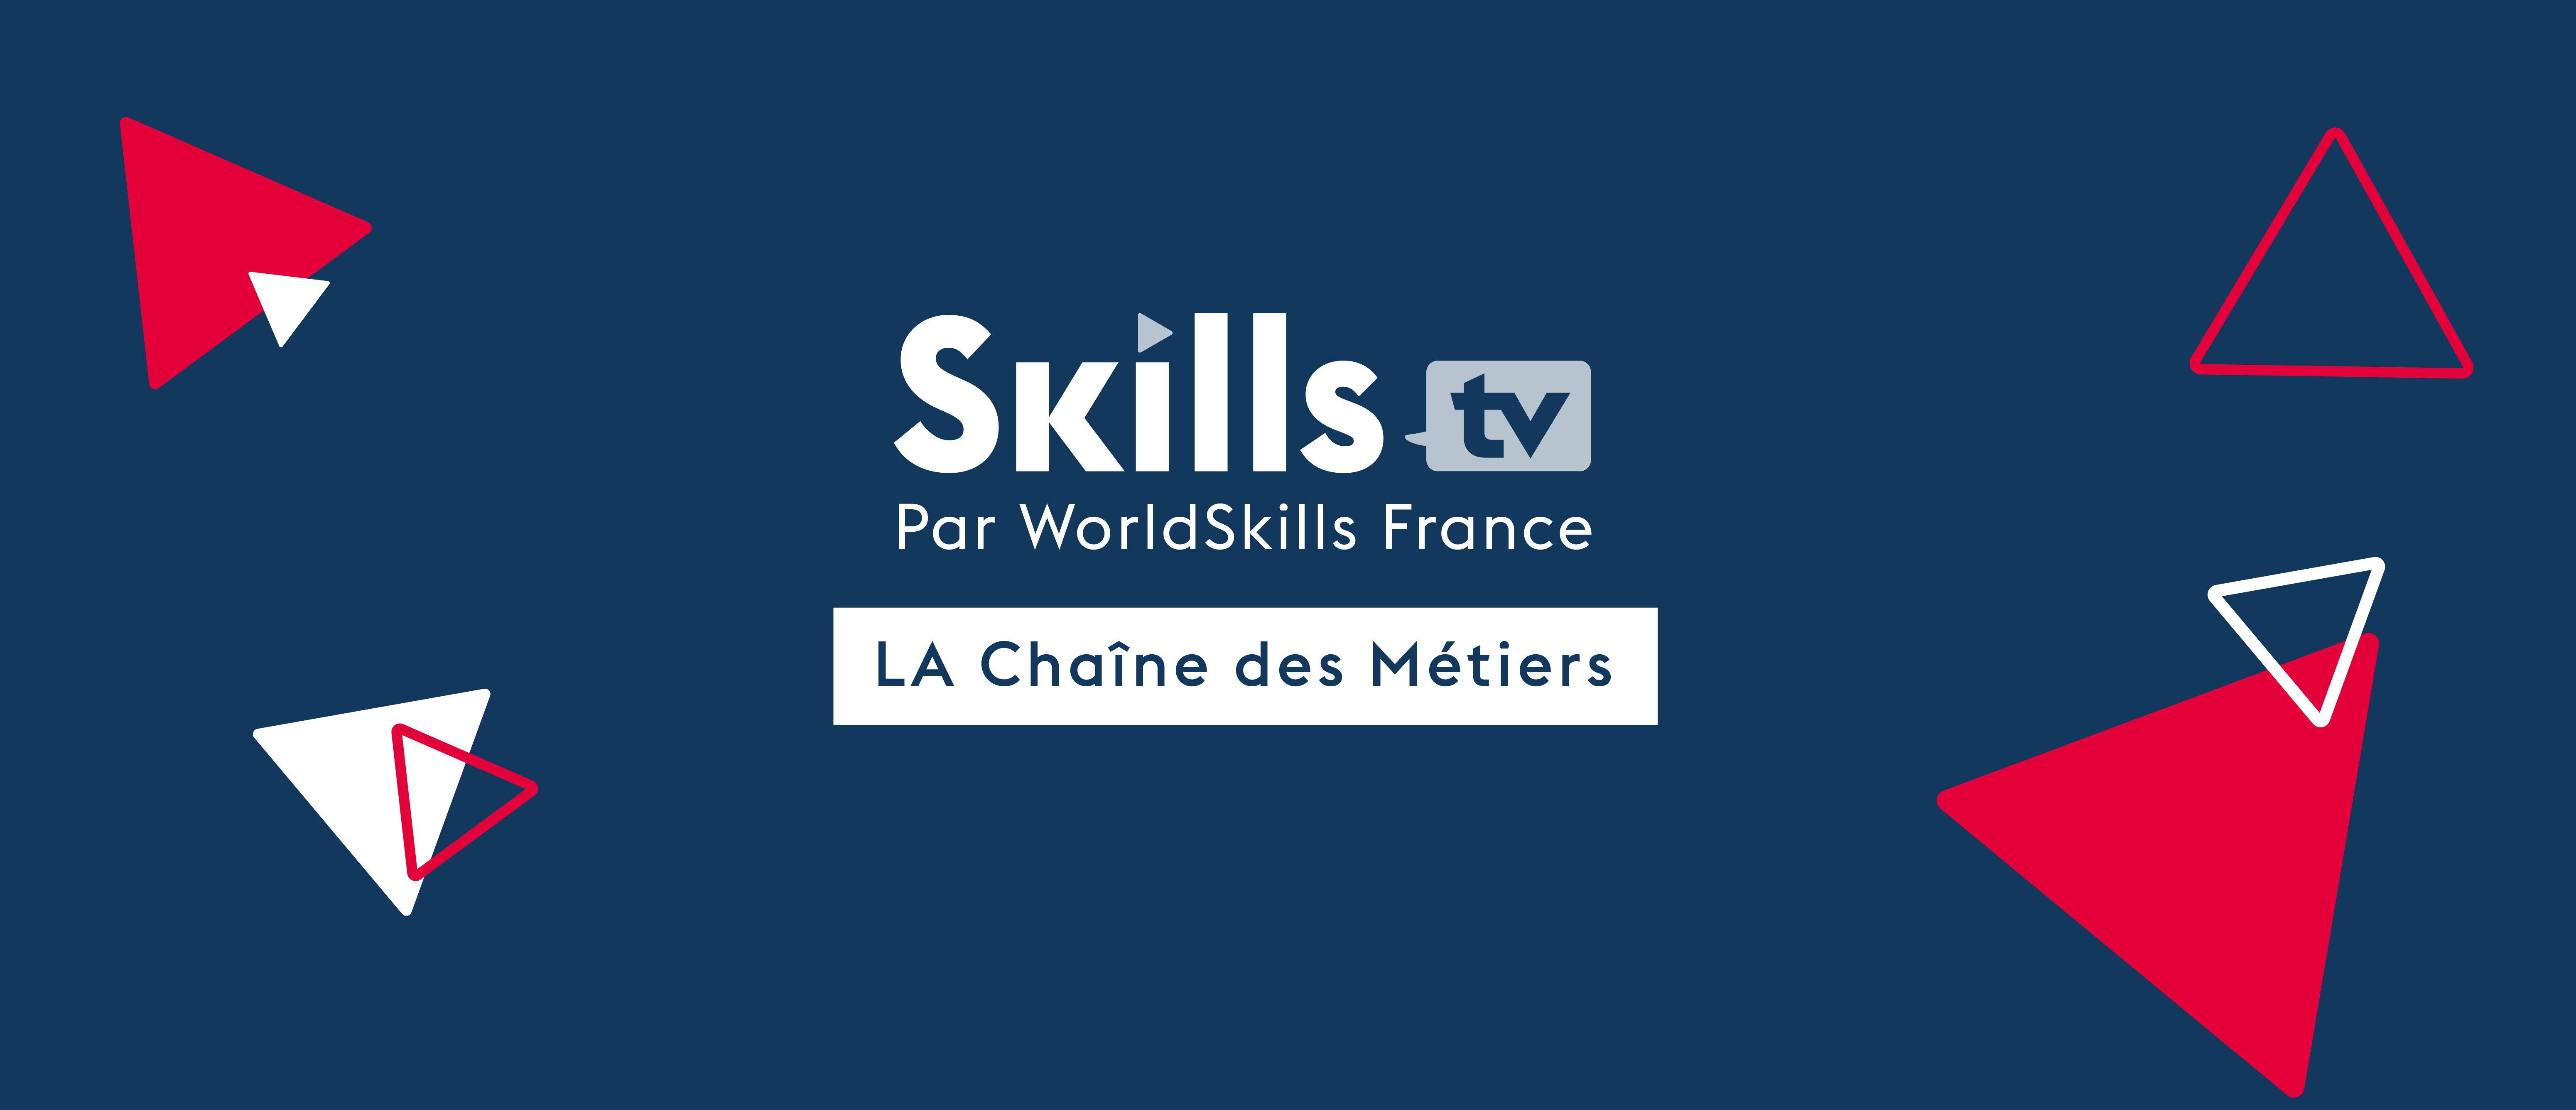 SkillsTV-Visuel-RS.jpg